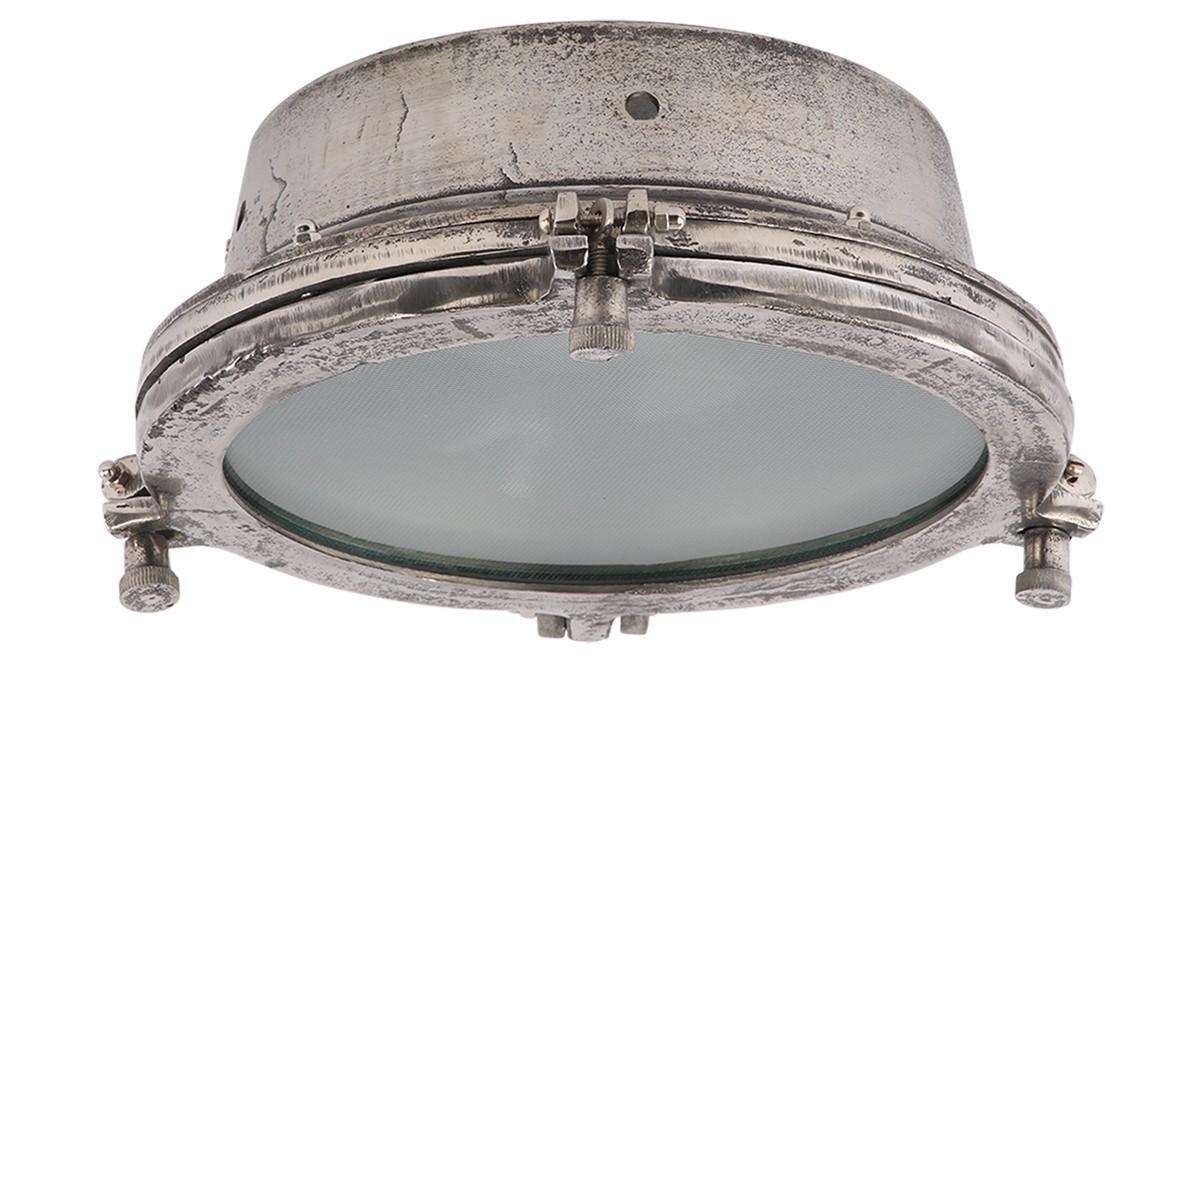 Wunderbar Deckenlampe Silber Referenz Von Deckenleuchte Rund Triedesign, Silber-antik Trie, Durchmesser 22